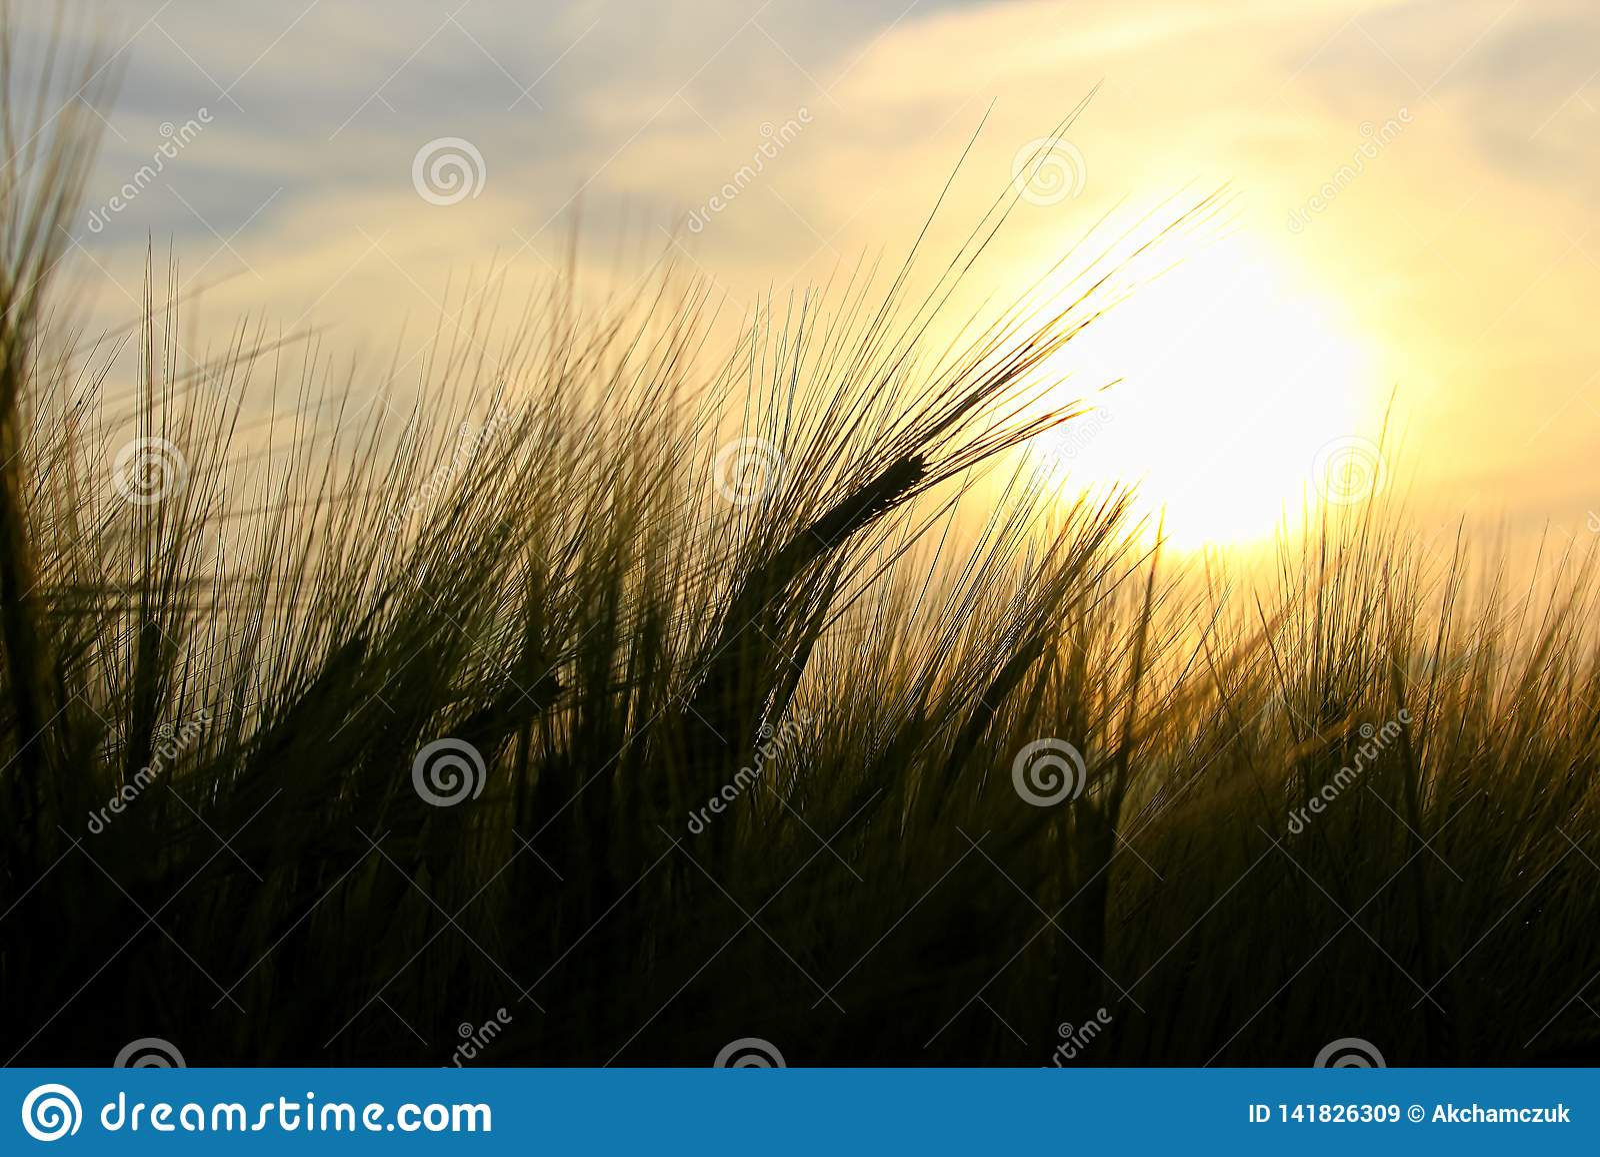 De baarden van gerst tegen een het plaatsen zon worden gesilhouetteerd die